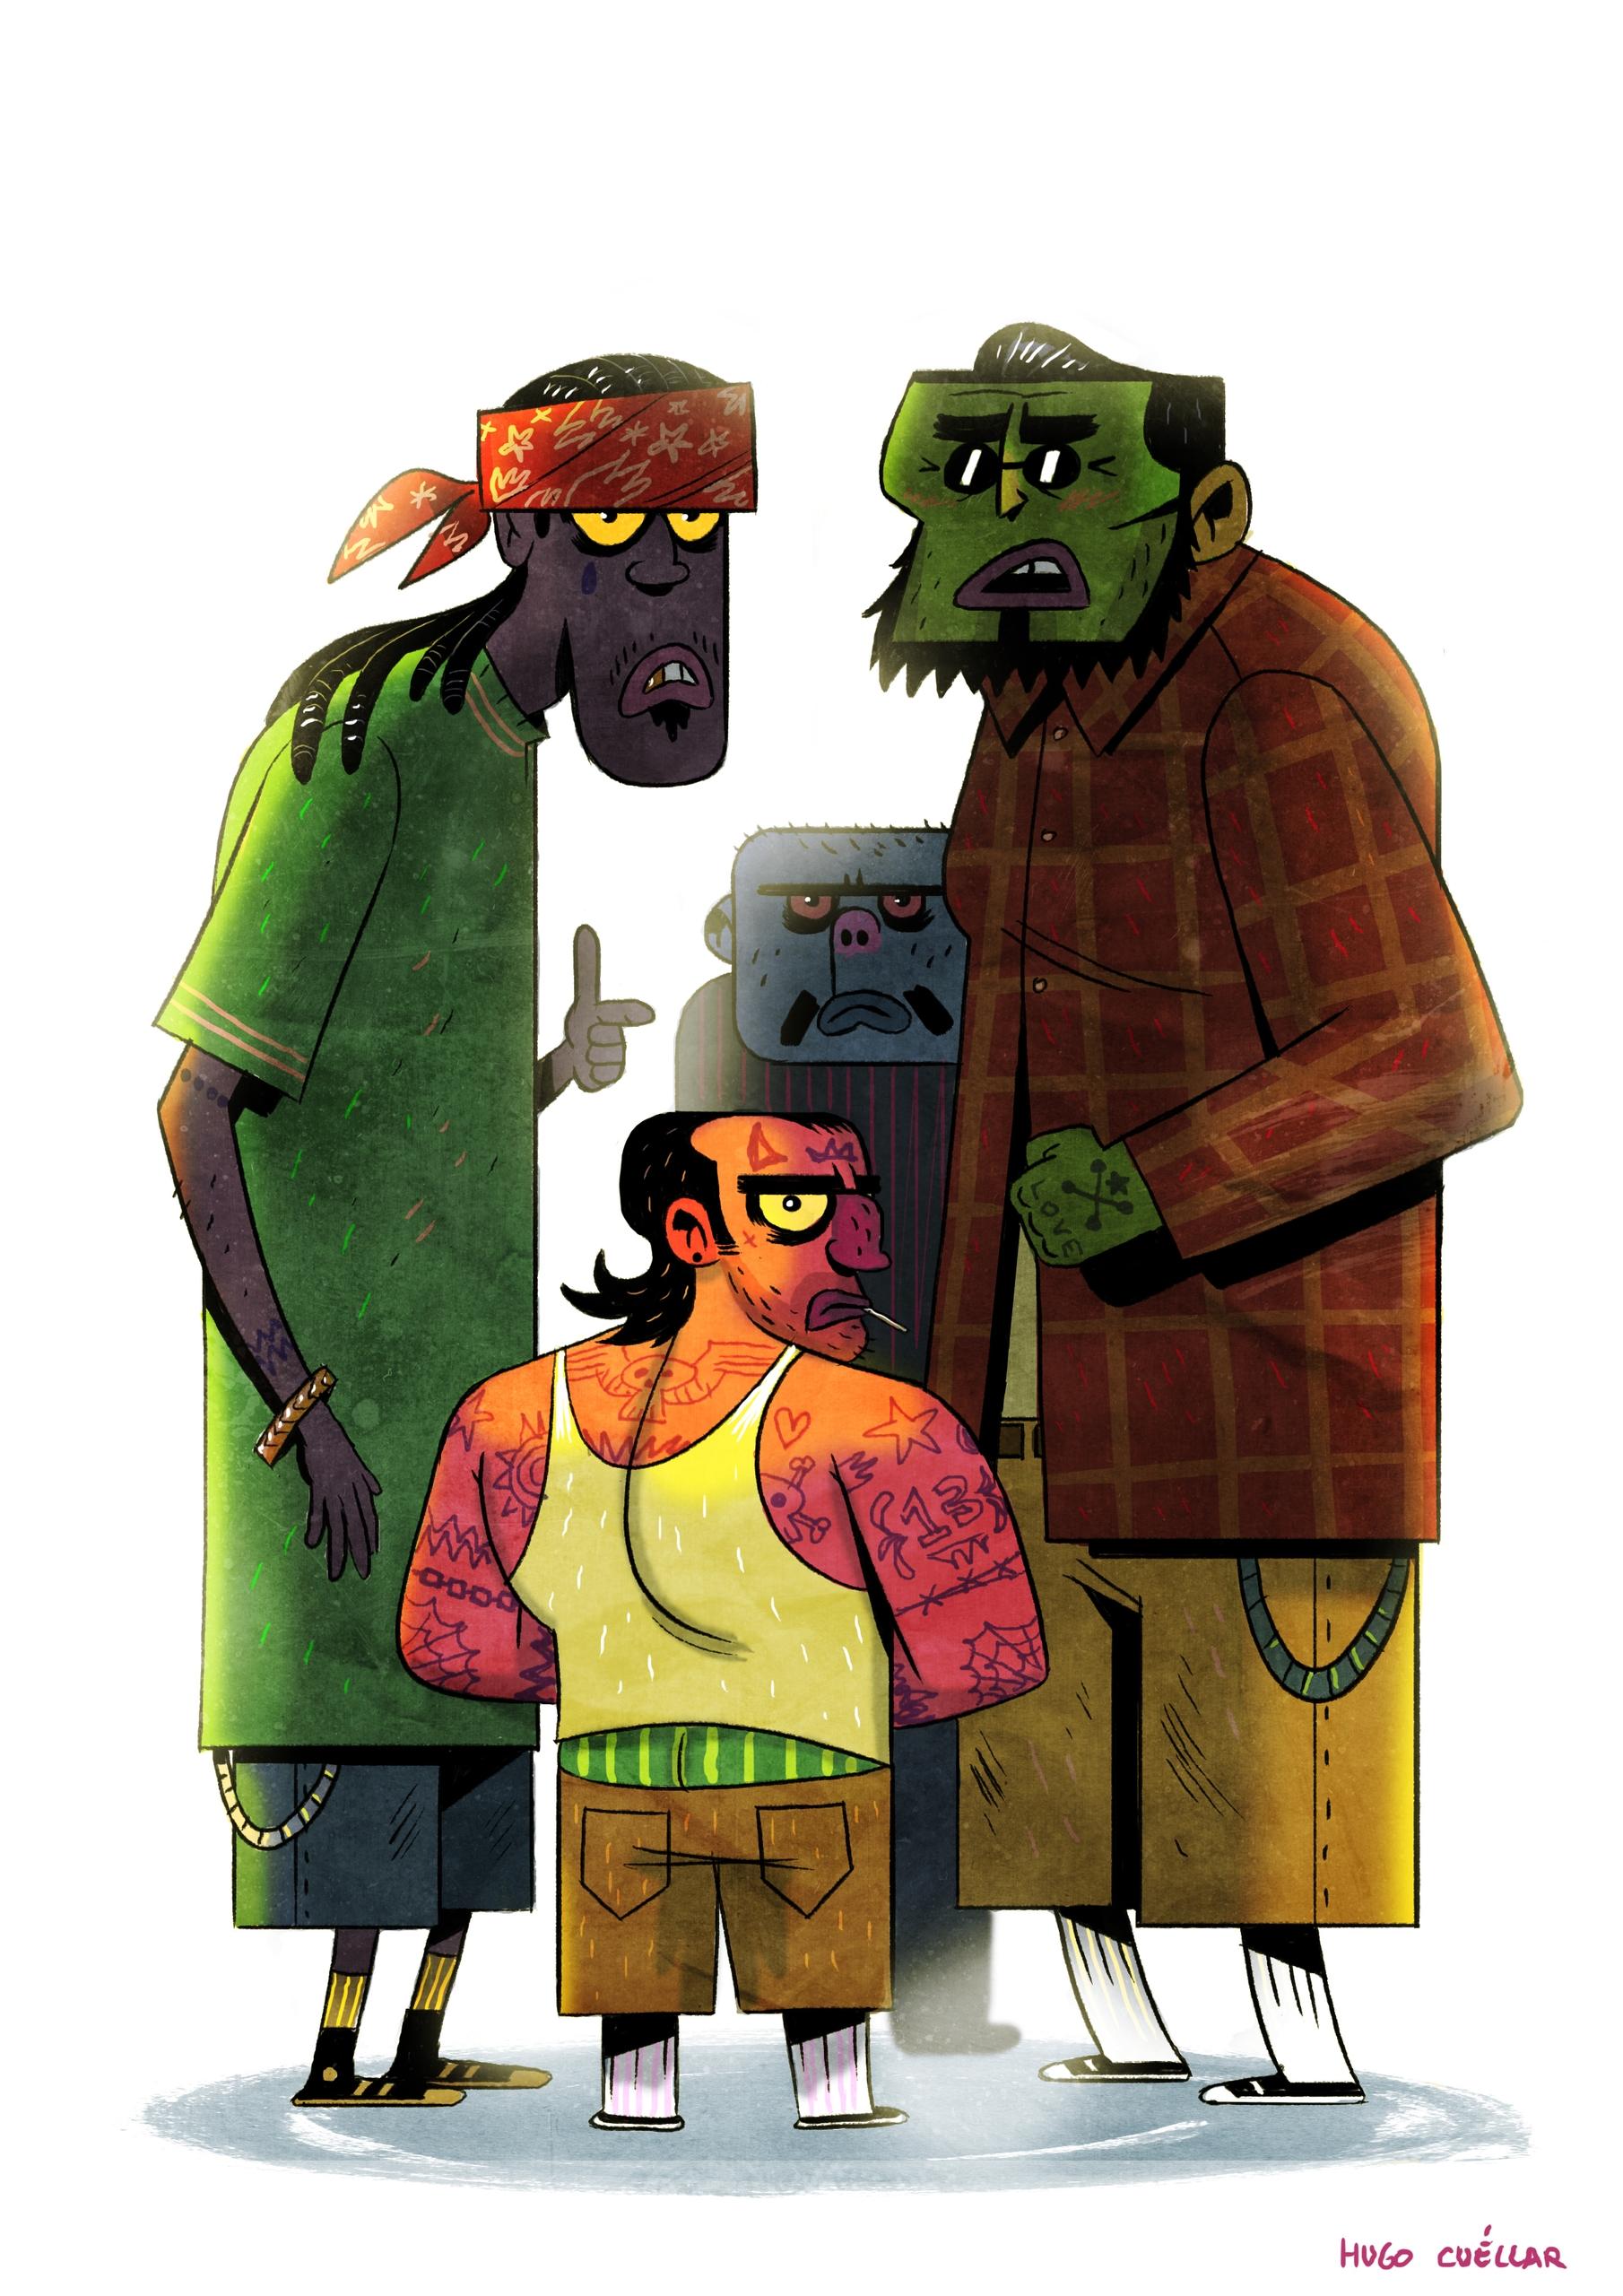 Goons - goons, gangster, illustration - hugocuellar | ello